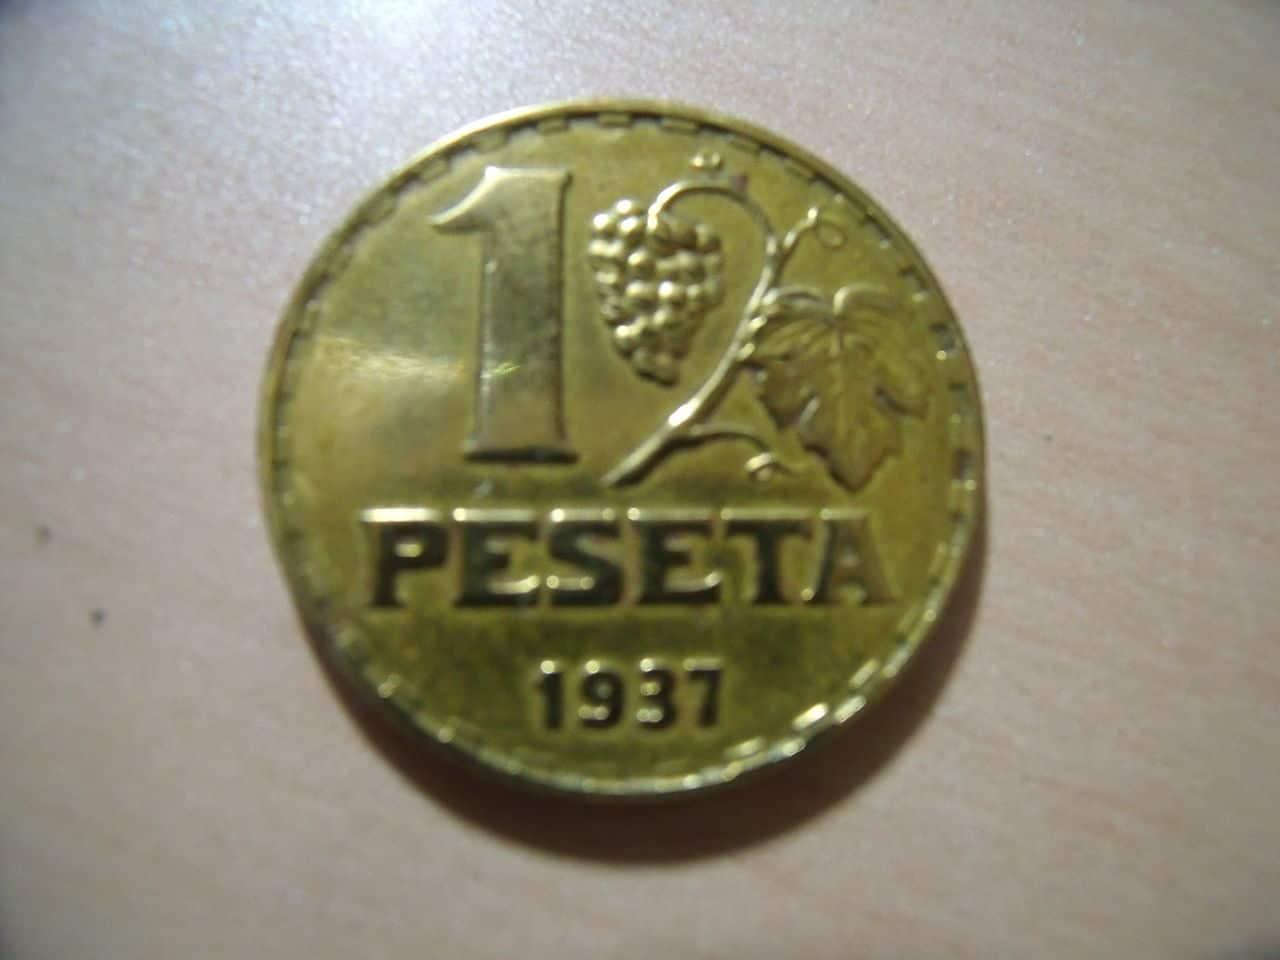 DUDAS en moneda 1 Pta. 1937 Variante_1_Pta_1937_005